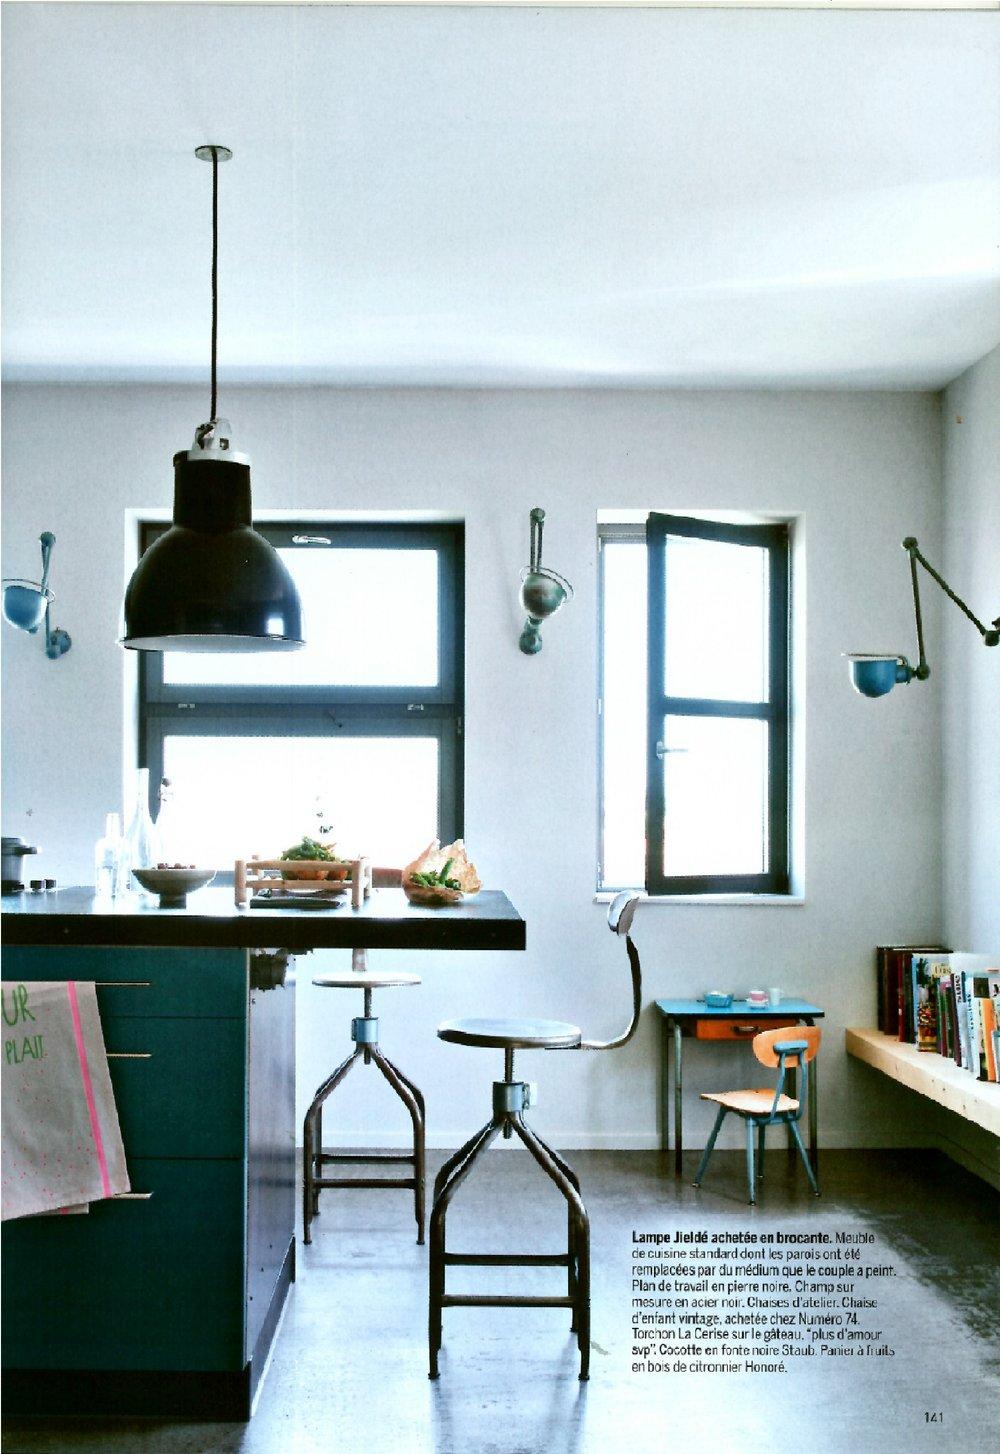 Chaise d'atelier rééditée  par François Muracciole pour Assemblage.M dans Marie Claire Maison mai-juin 2014